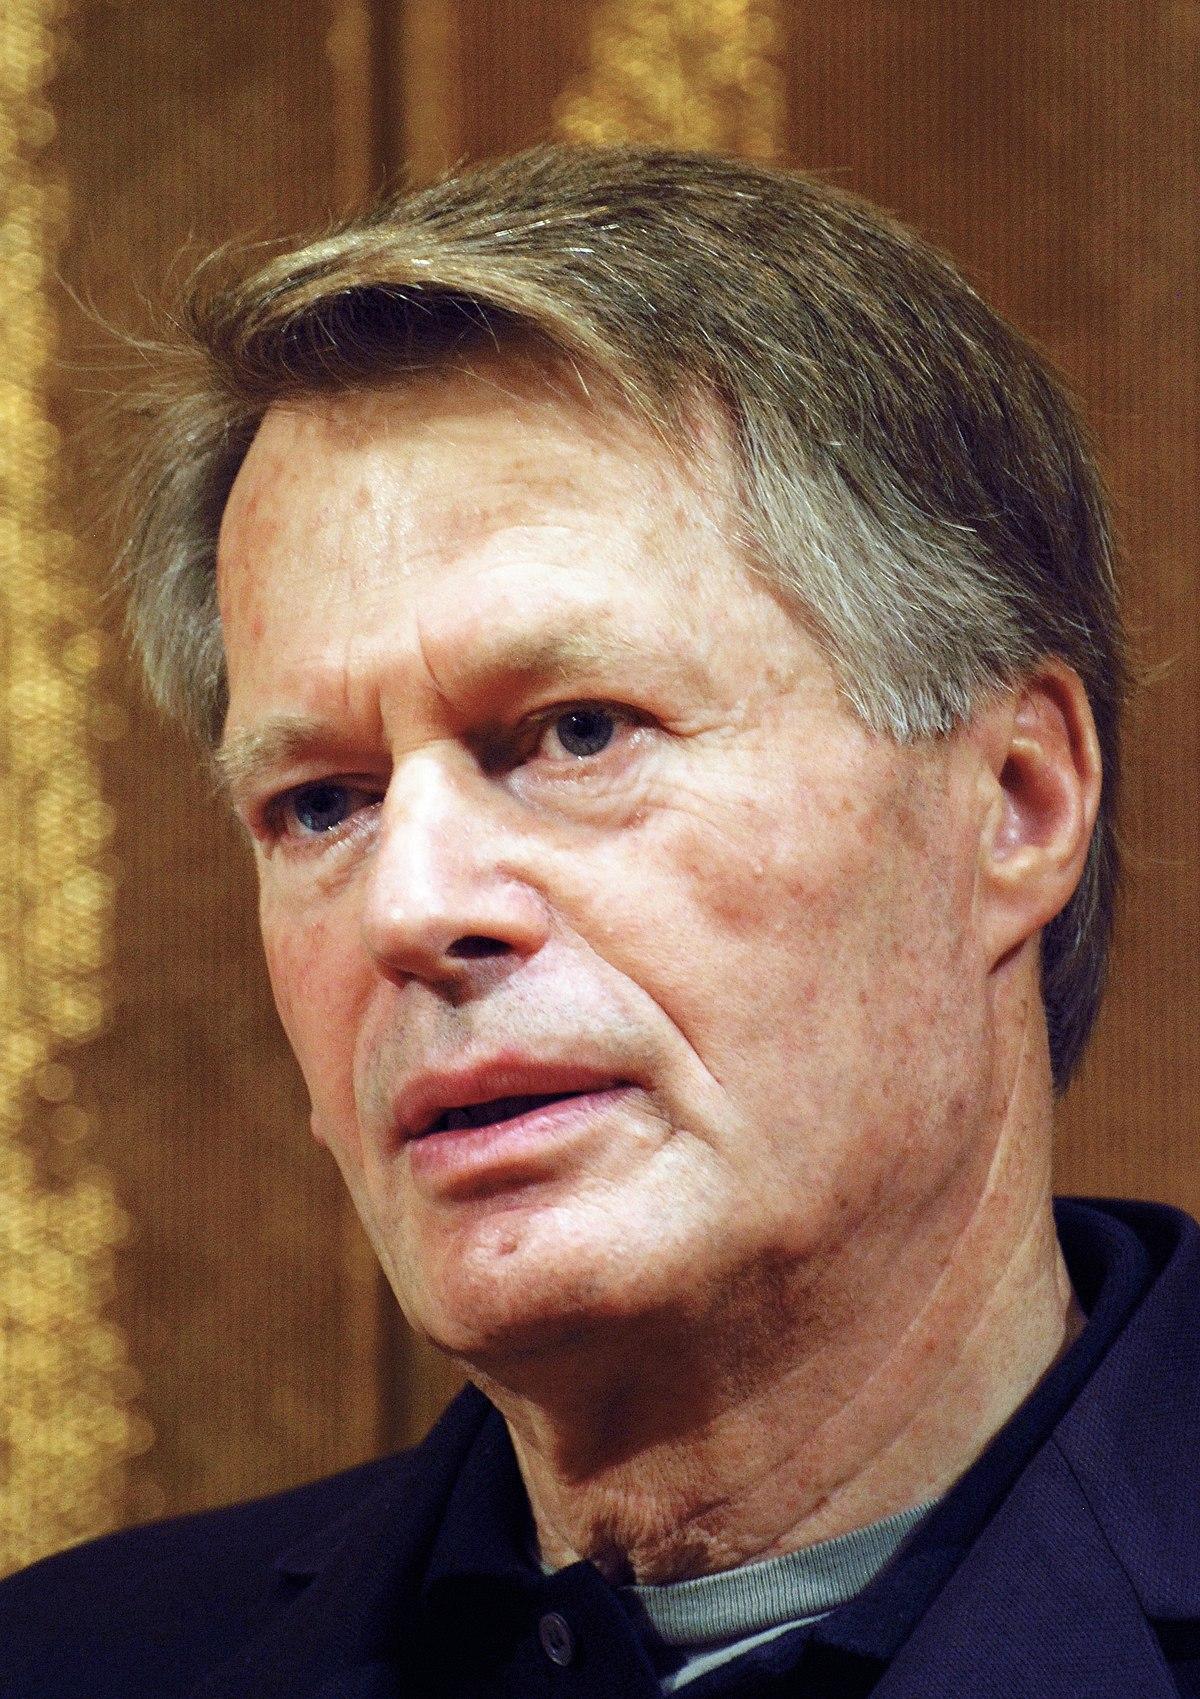 Jean-Marie Gustave Le Clézio-press conference Dec 06th, 2008-2.jpg